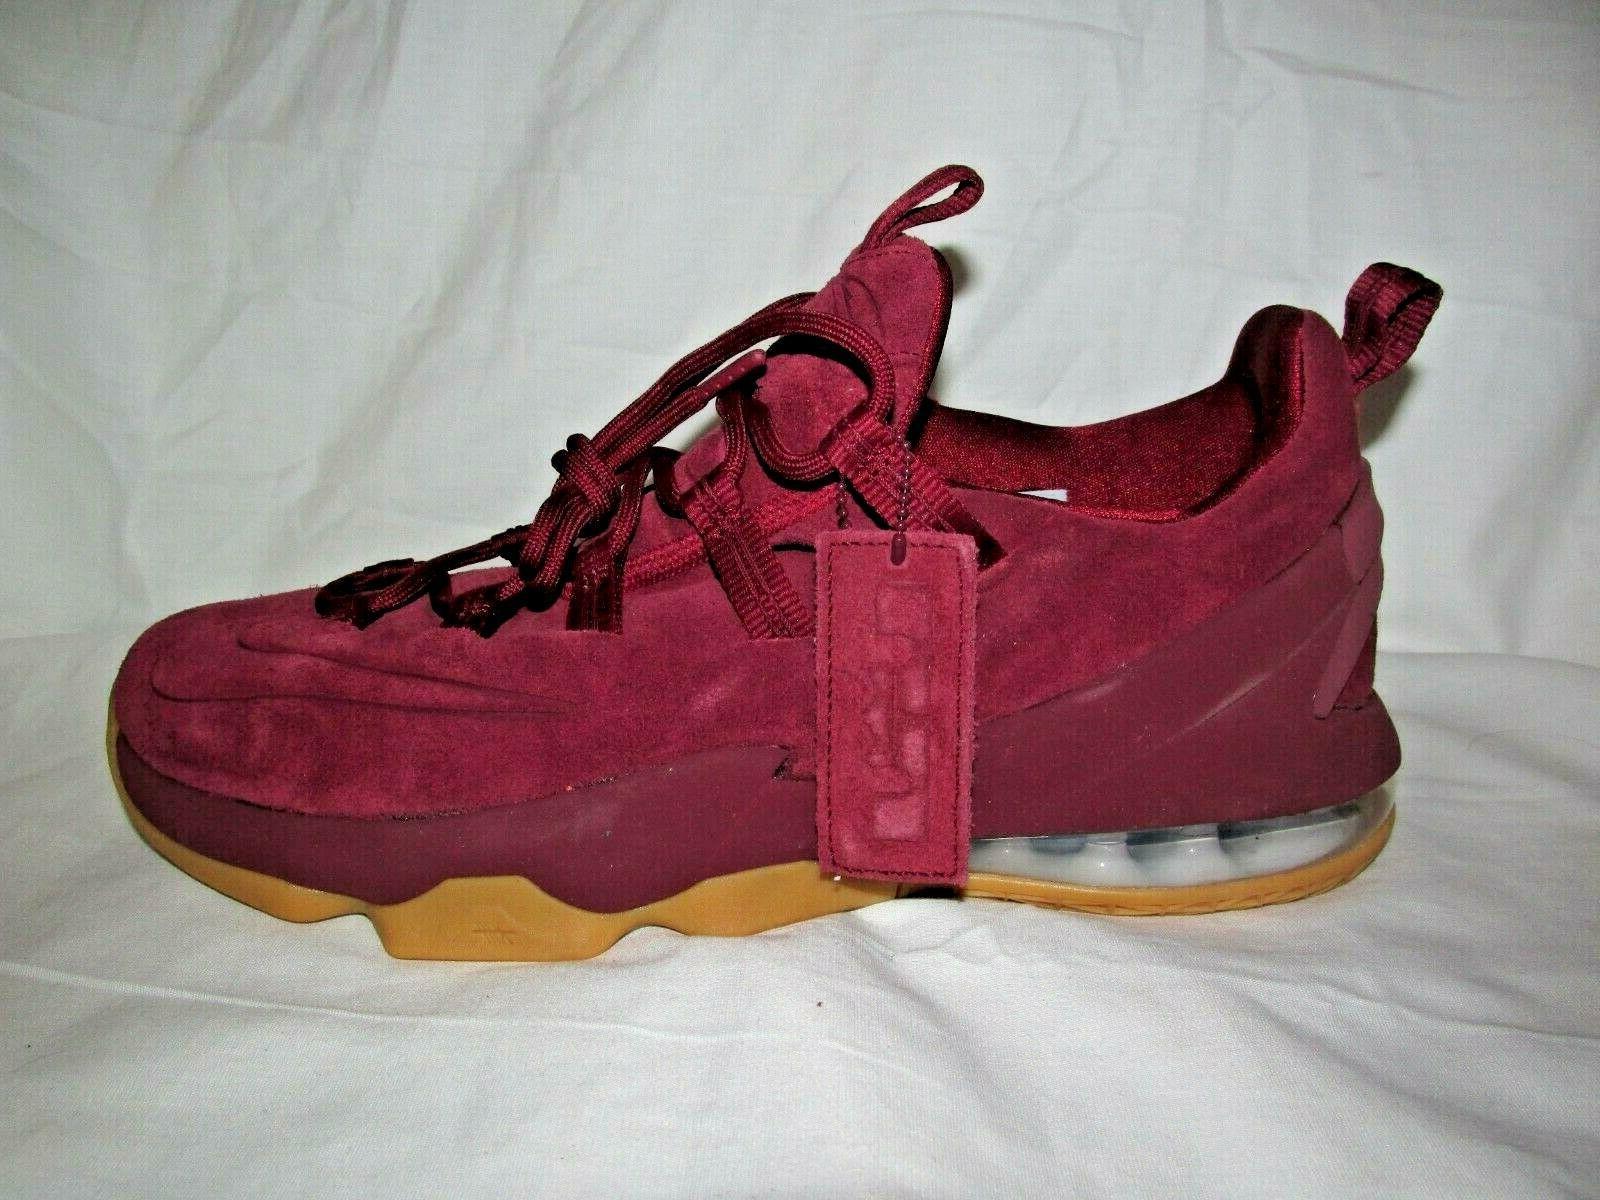 Nike PRM 10 Team Red AH8289-600